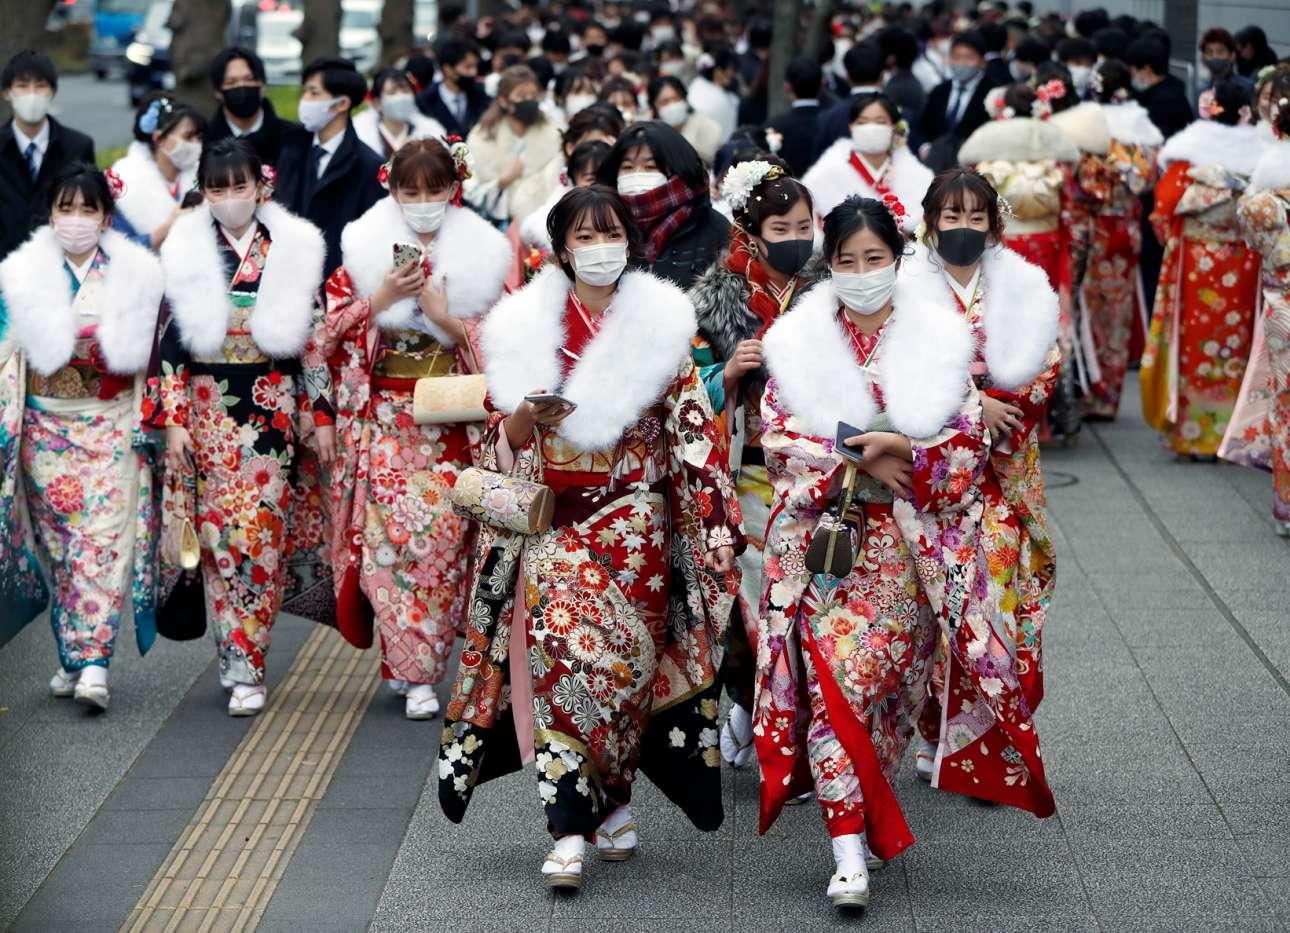 Γιαπωνέζες με κιμονό και υγειονομικές μάσκες μετέχουν σε εορταστικές εκδηλώσεις για την ενηλικίωσή τους στη Γιοκοχάμα